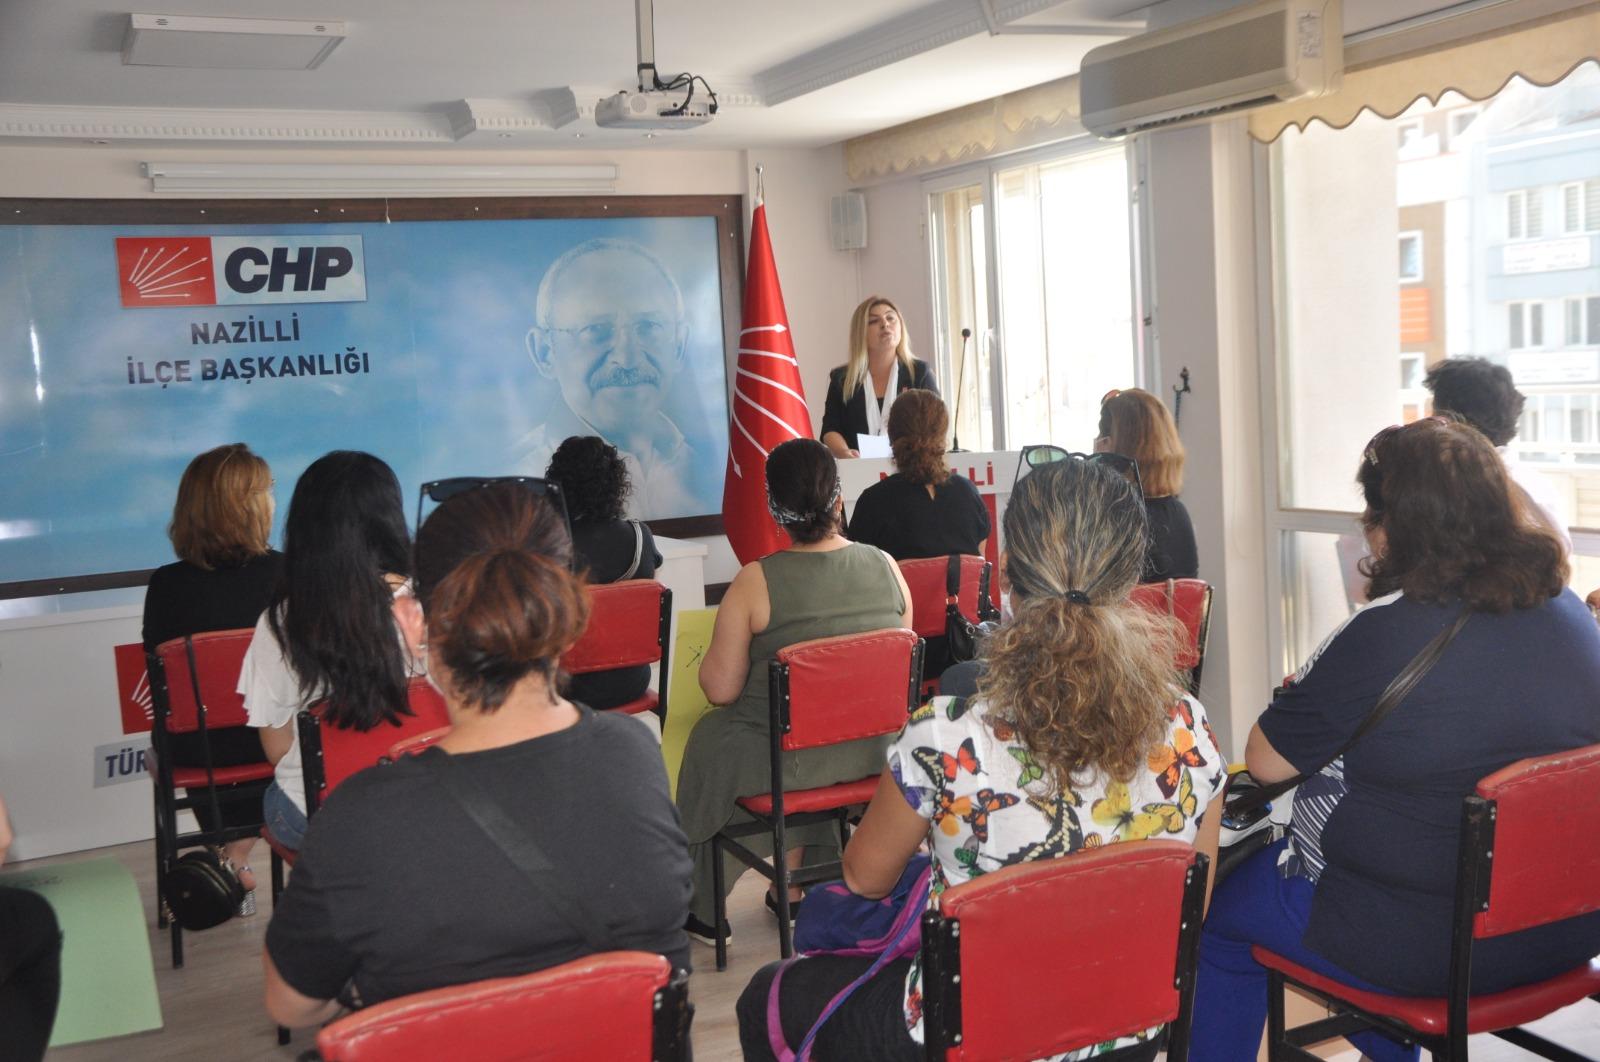 CHP'li Nazillili kadınlar, 'İstanbul sözleşmesi yaşatır'